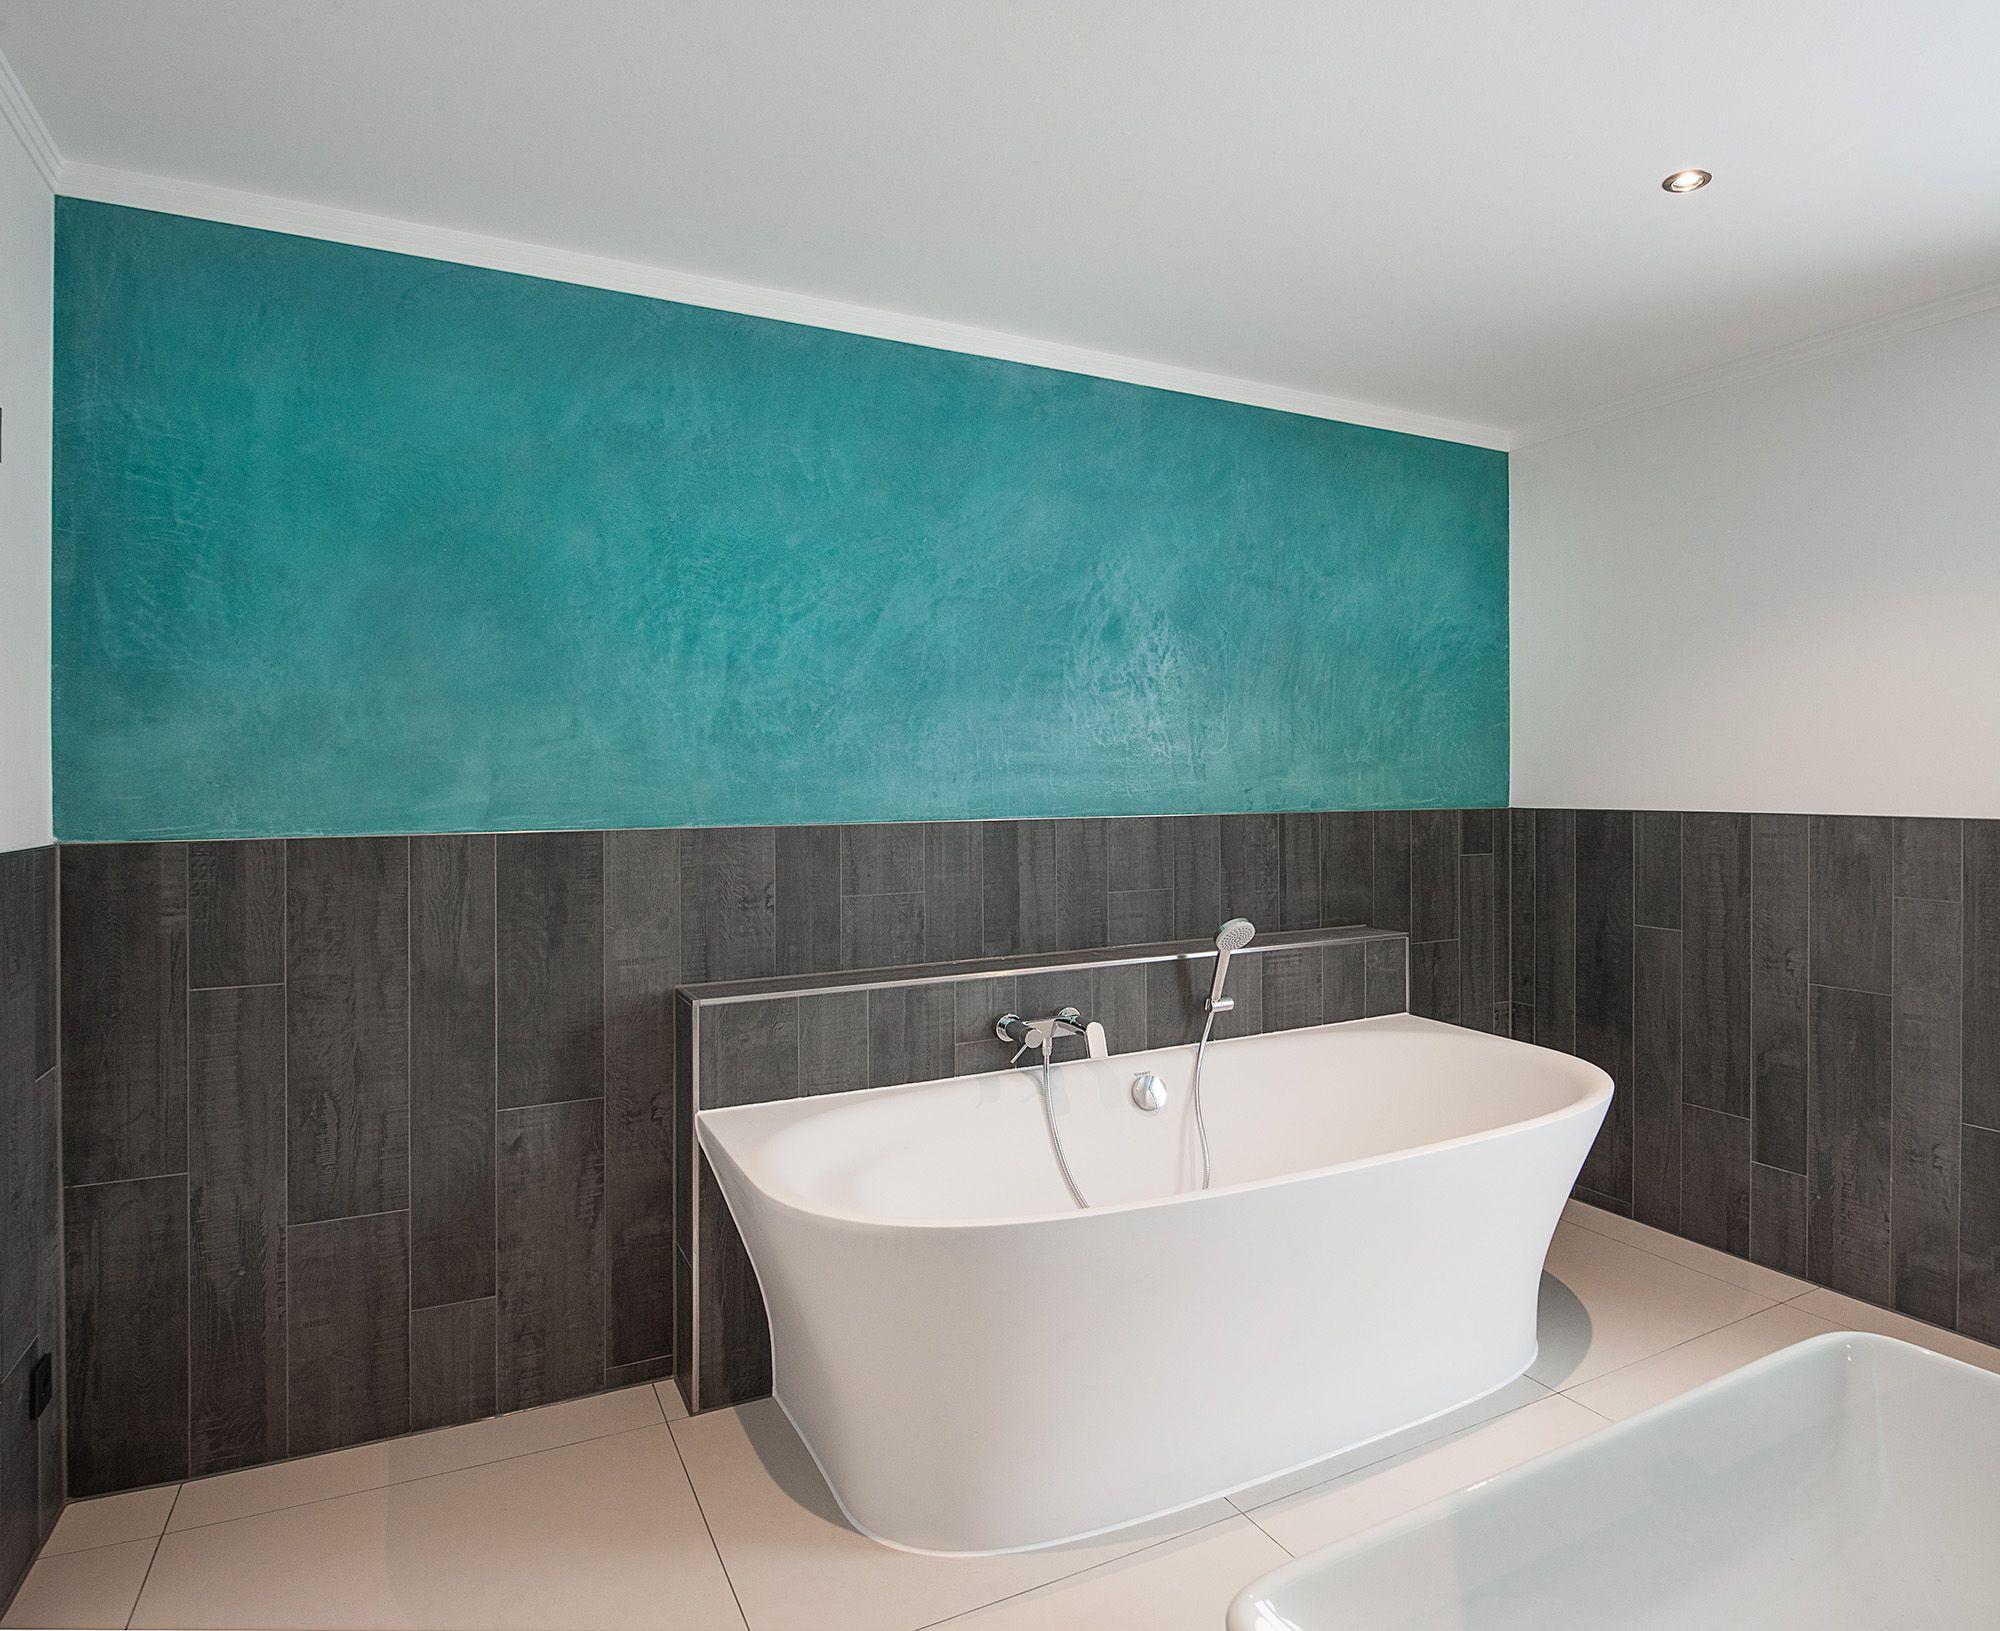 Fotos Badezimmergestaltung badezimmergestaltung mit spachtel marmorierung einer wand